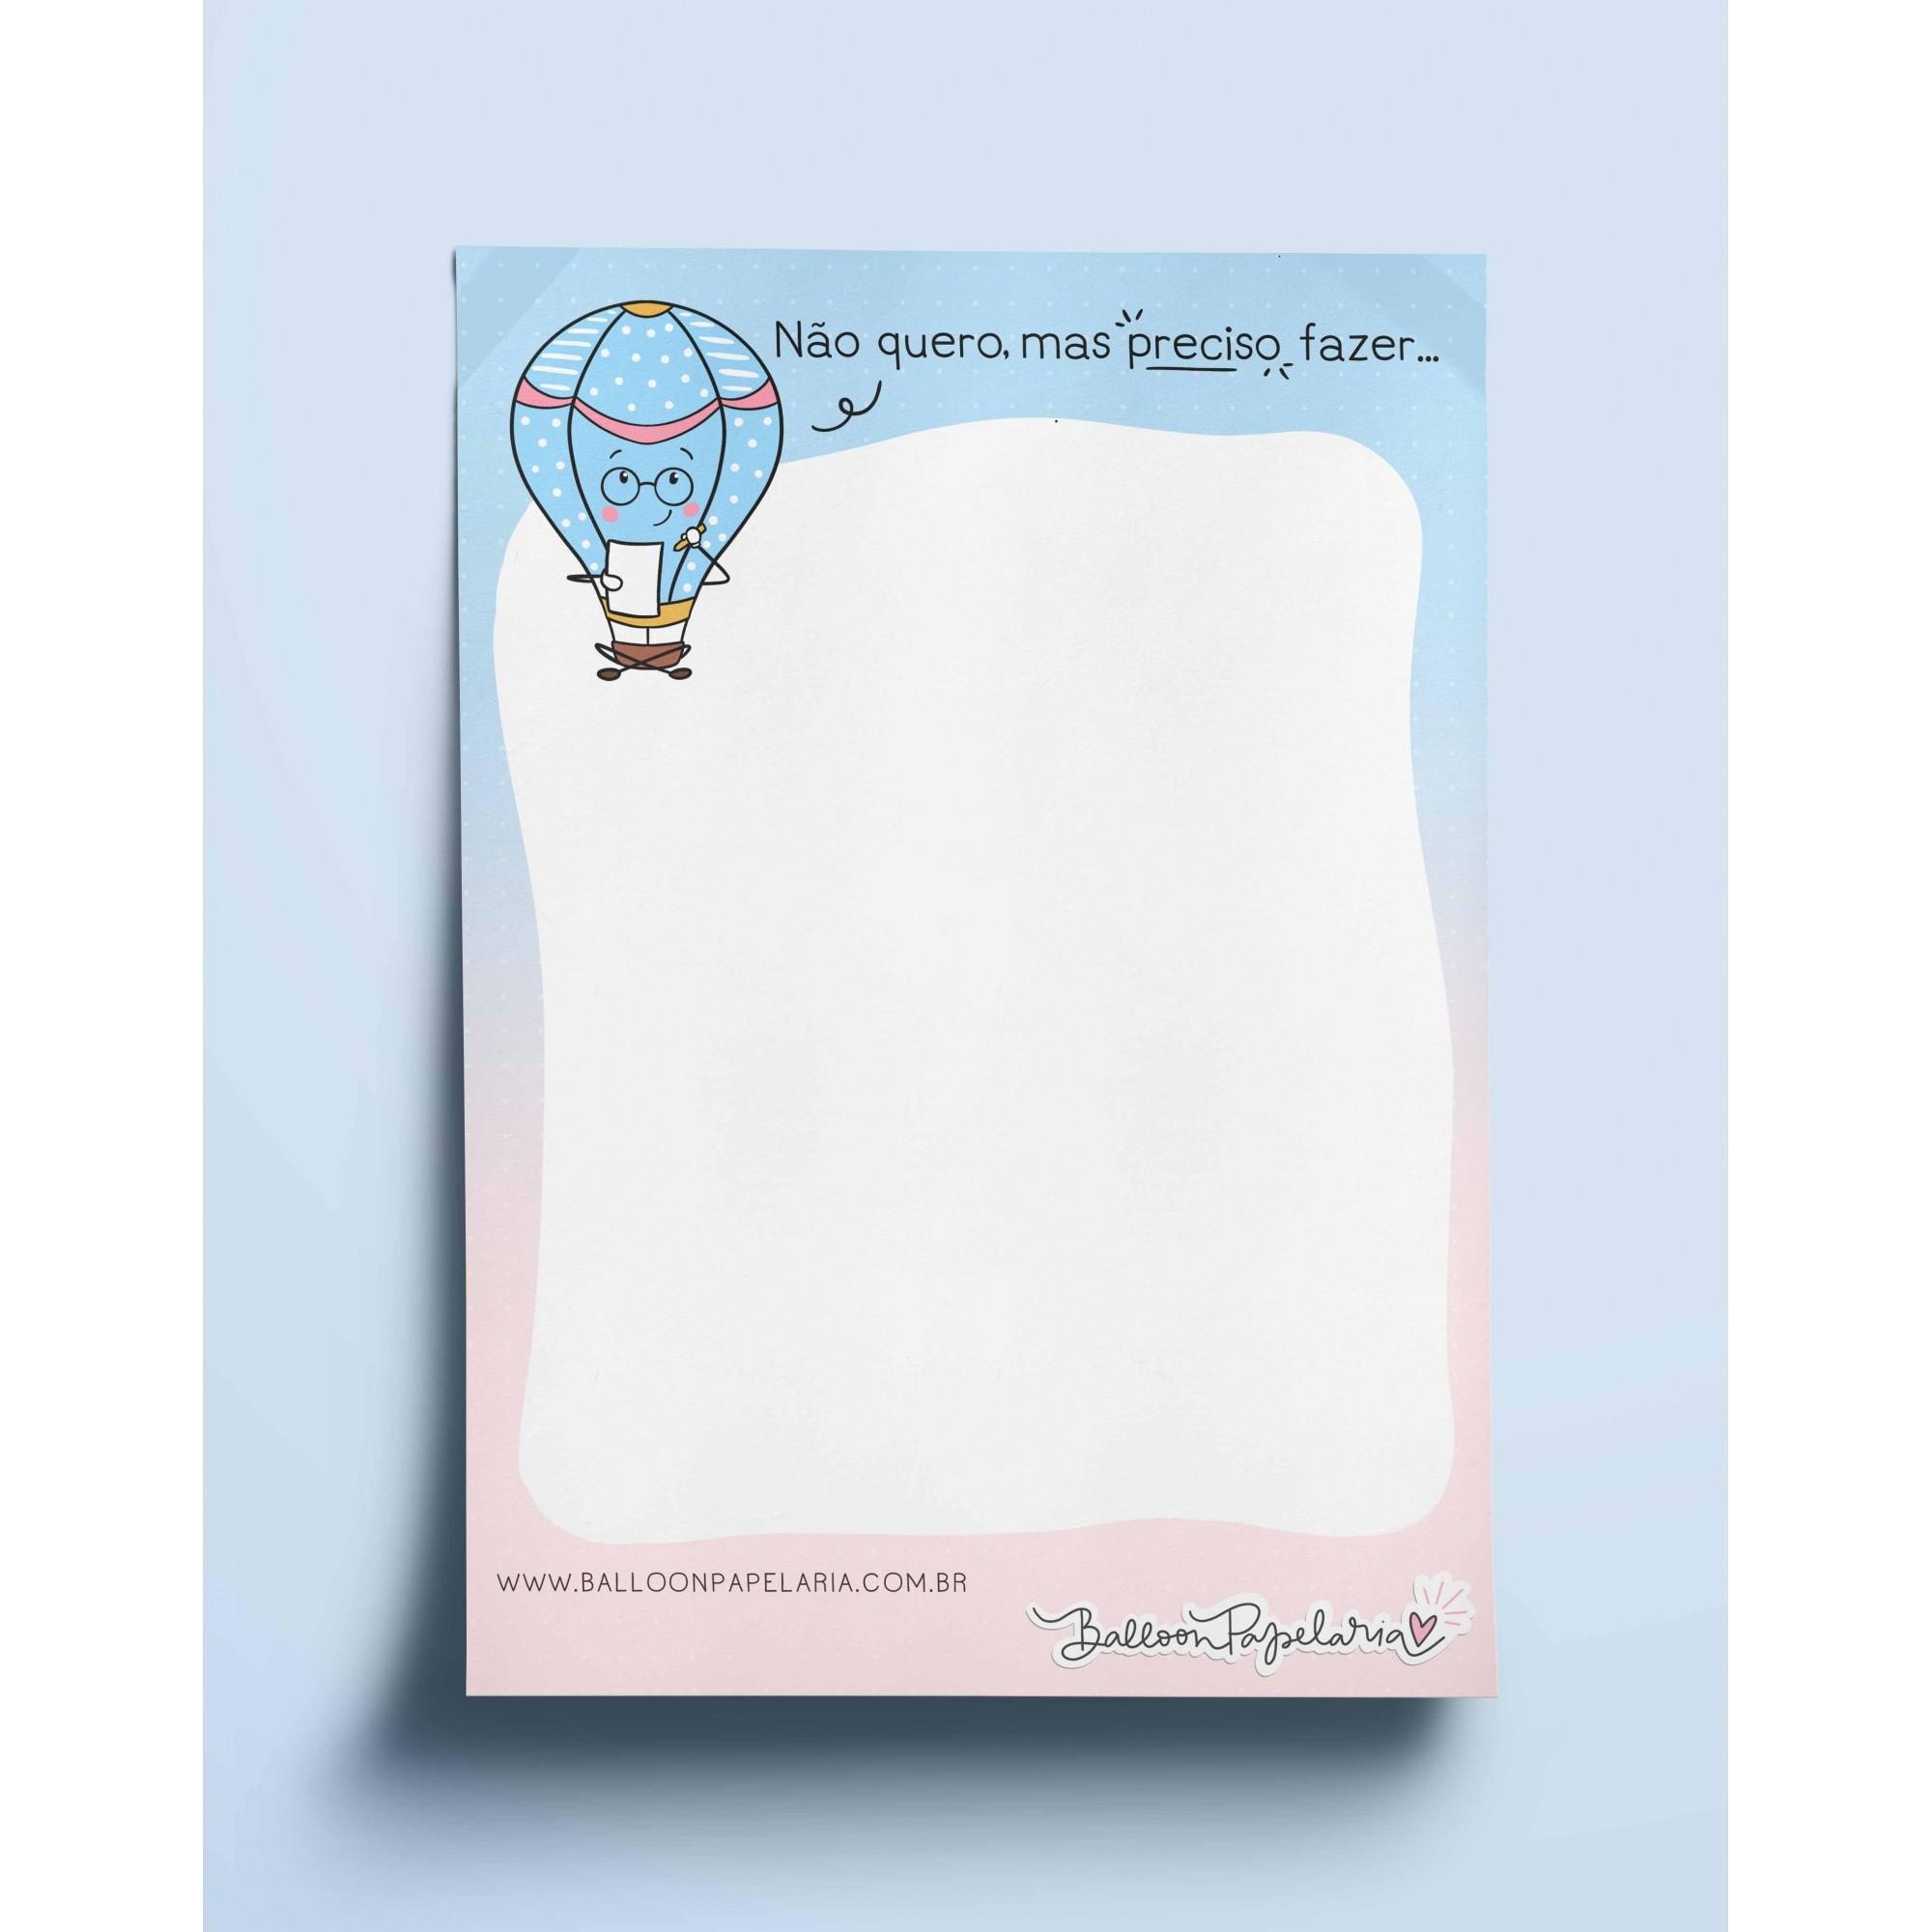 Bloco anotações - não quero mas preciso fazer...